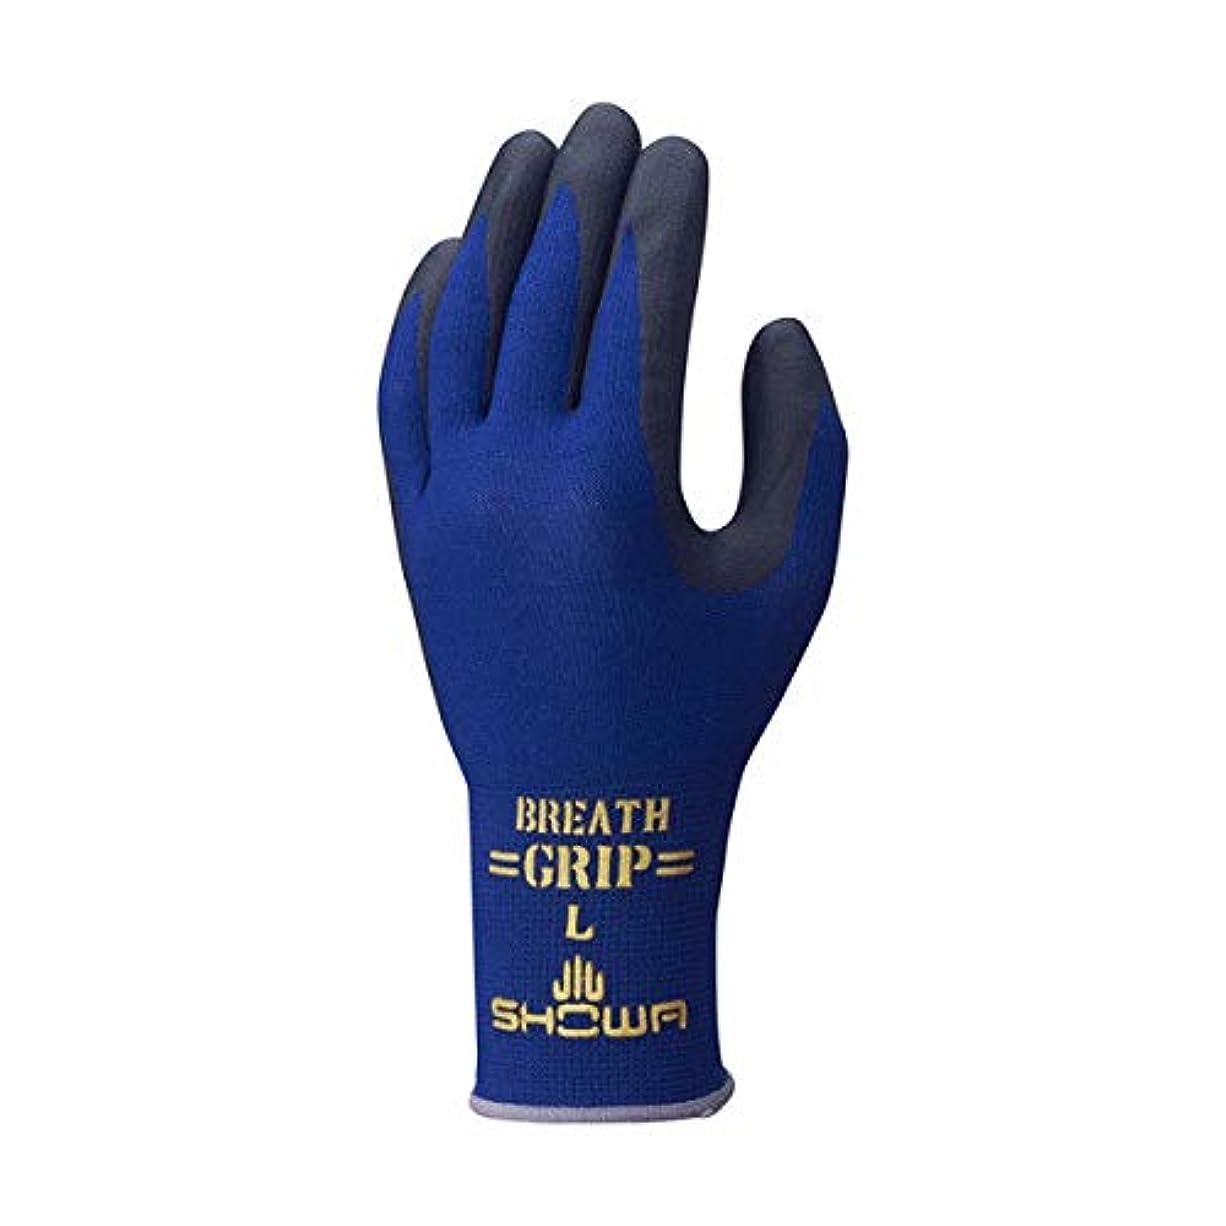 [ショーワ] 作業手袋 ブレスグリップ type-R 1双 380R